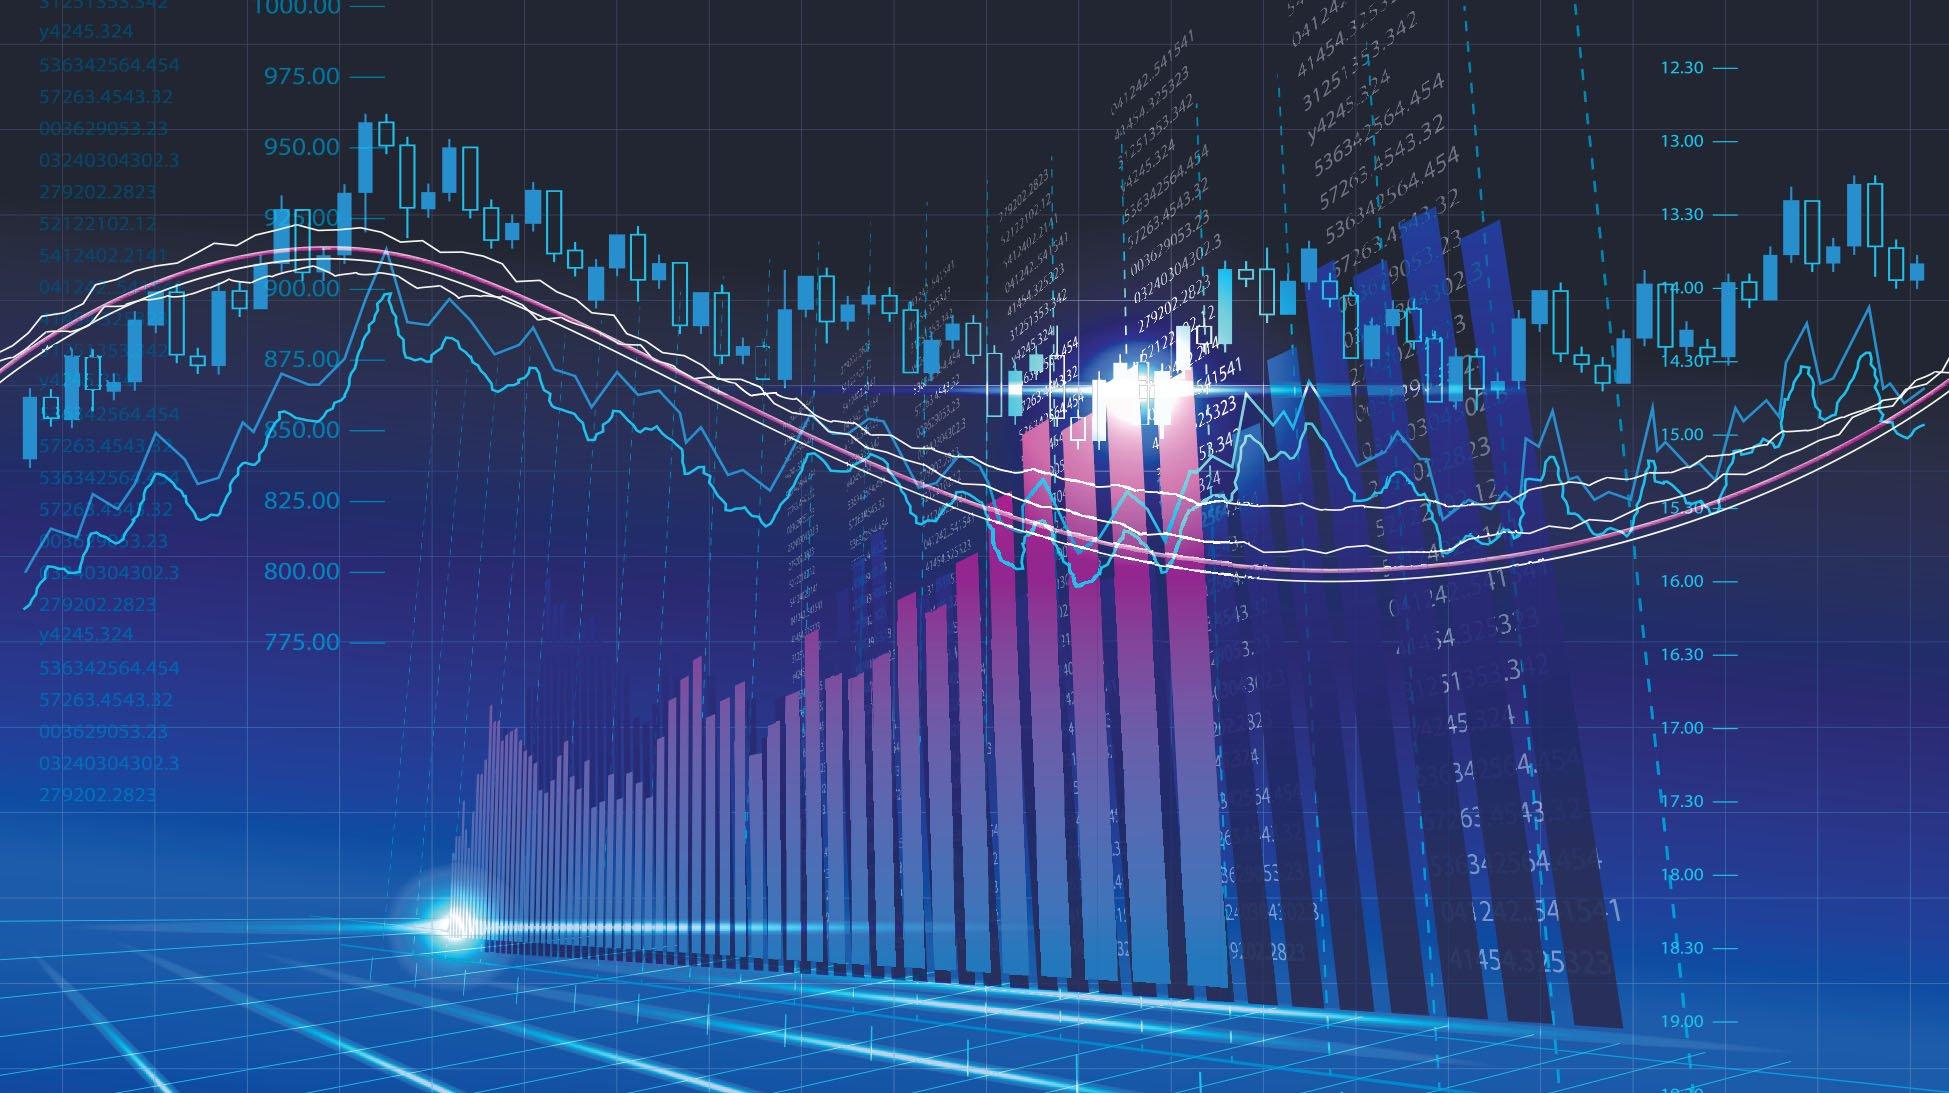 Meilleure plateforme de trading : comment faire son choix ?